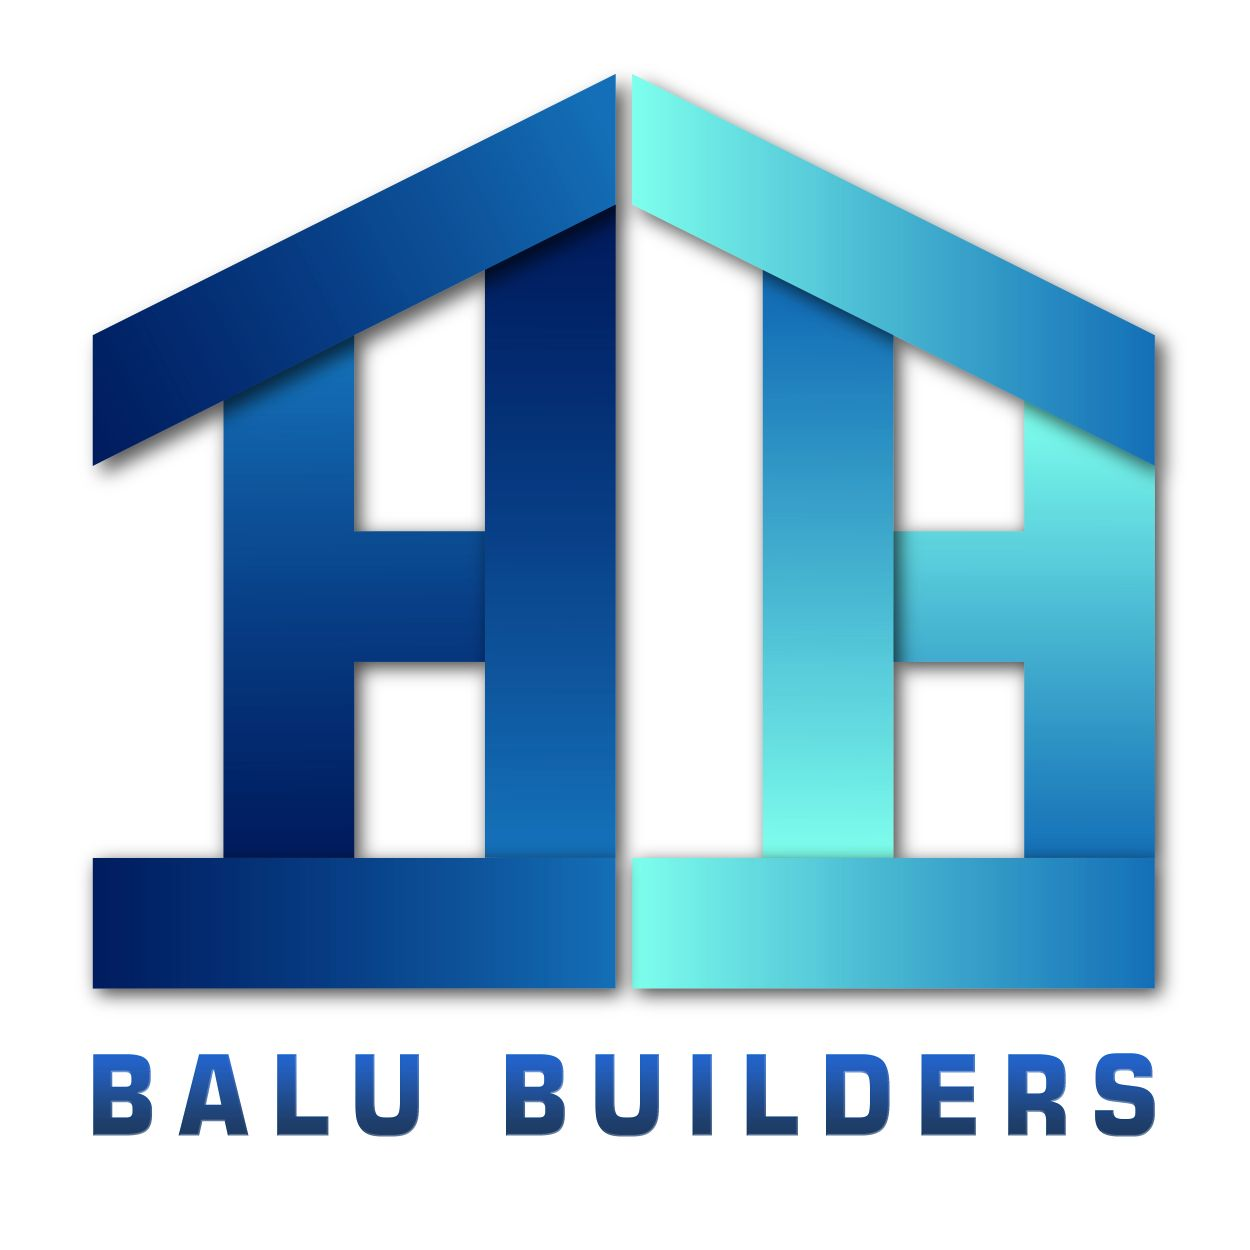 Balu Builders